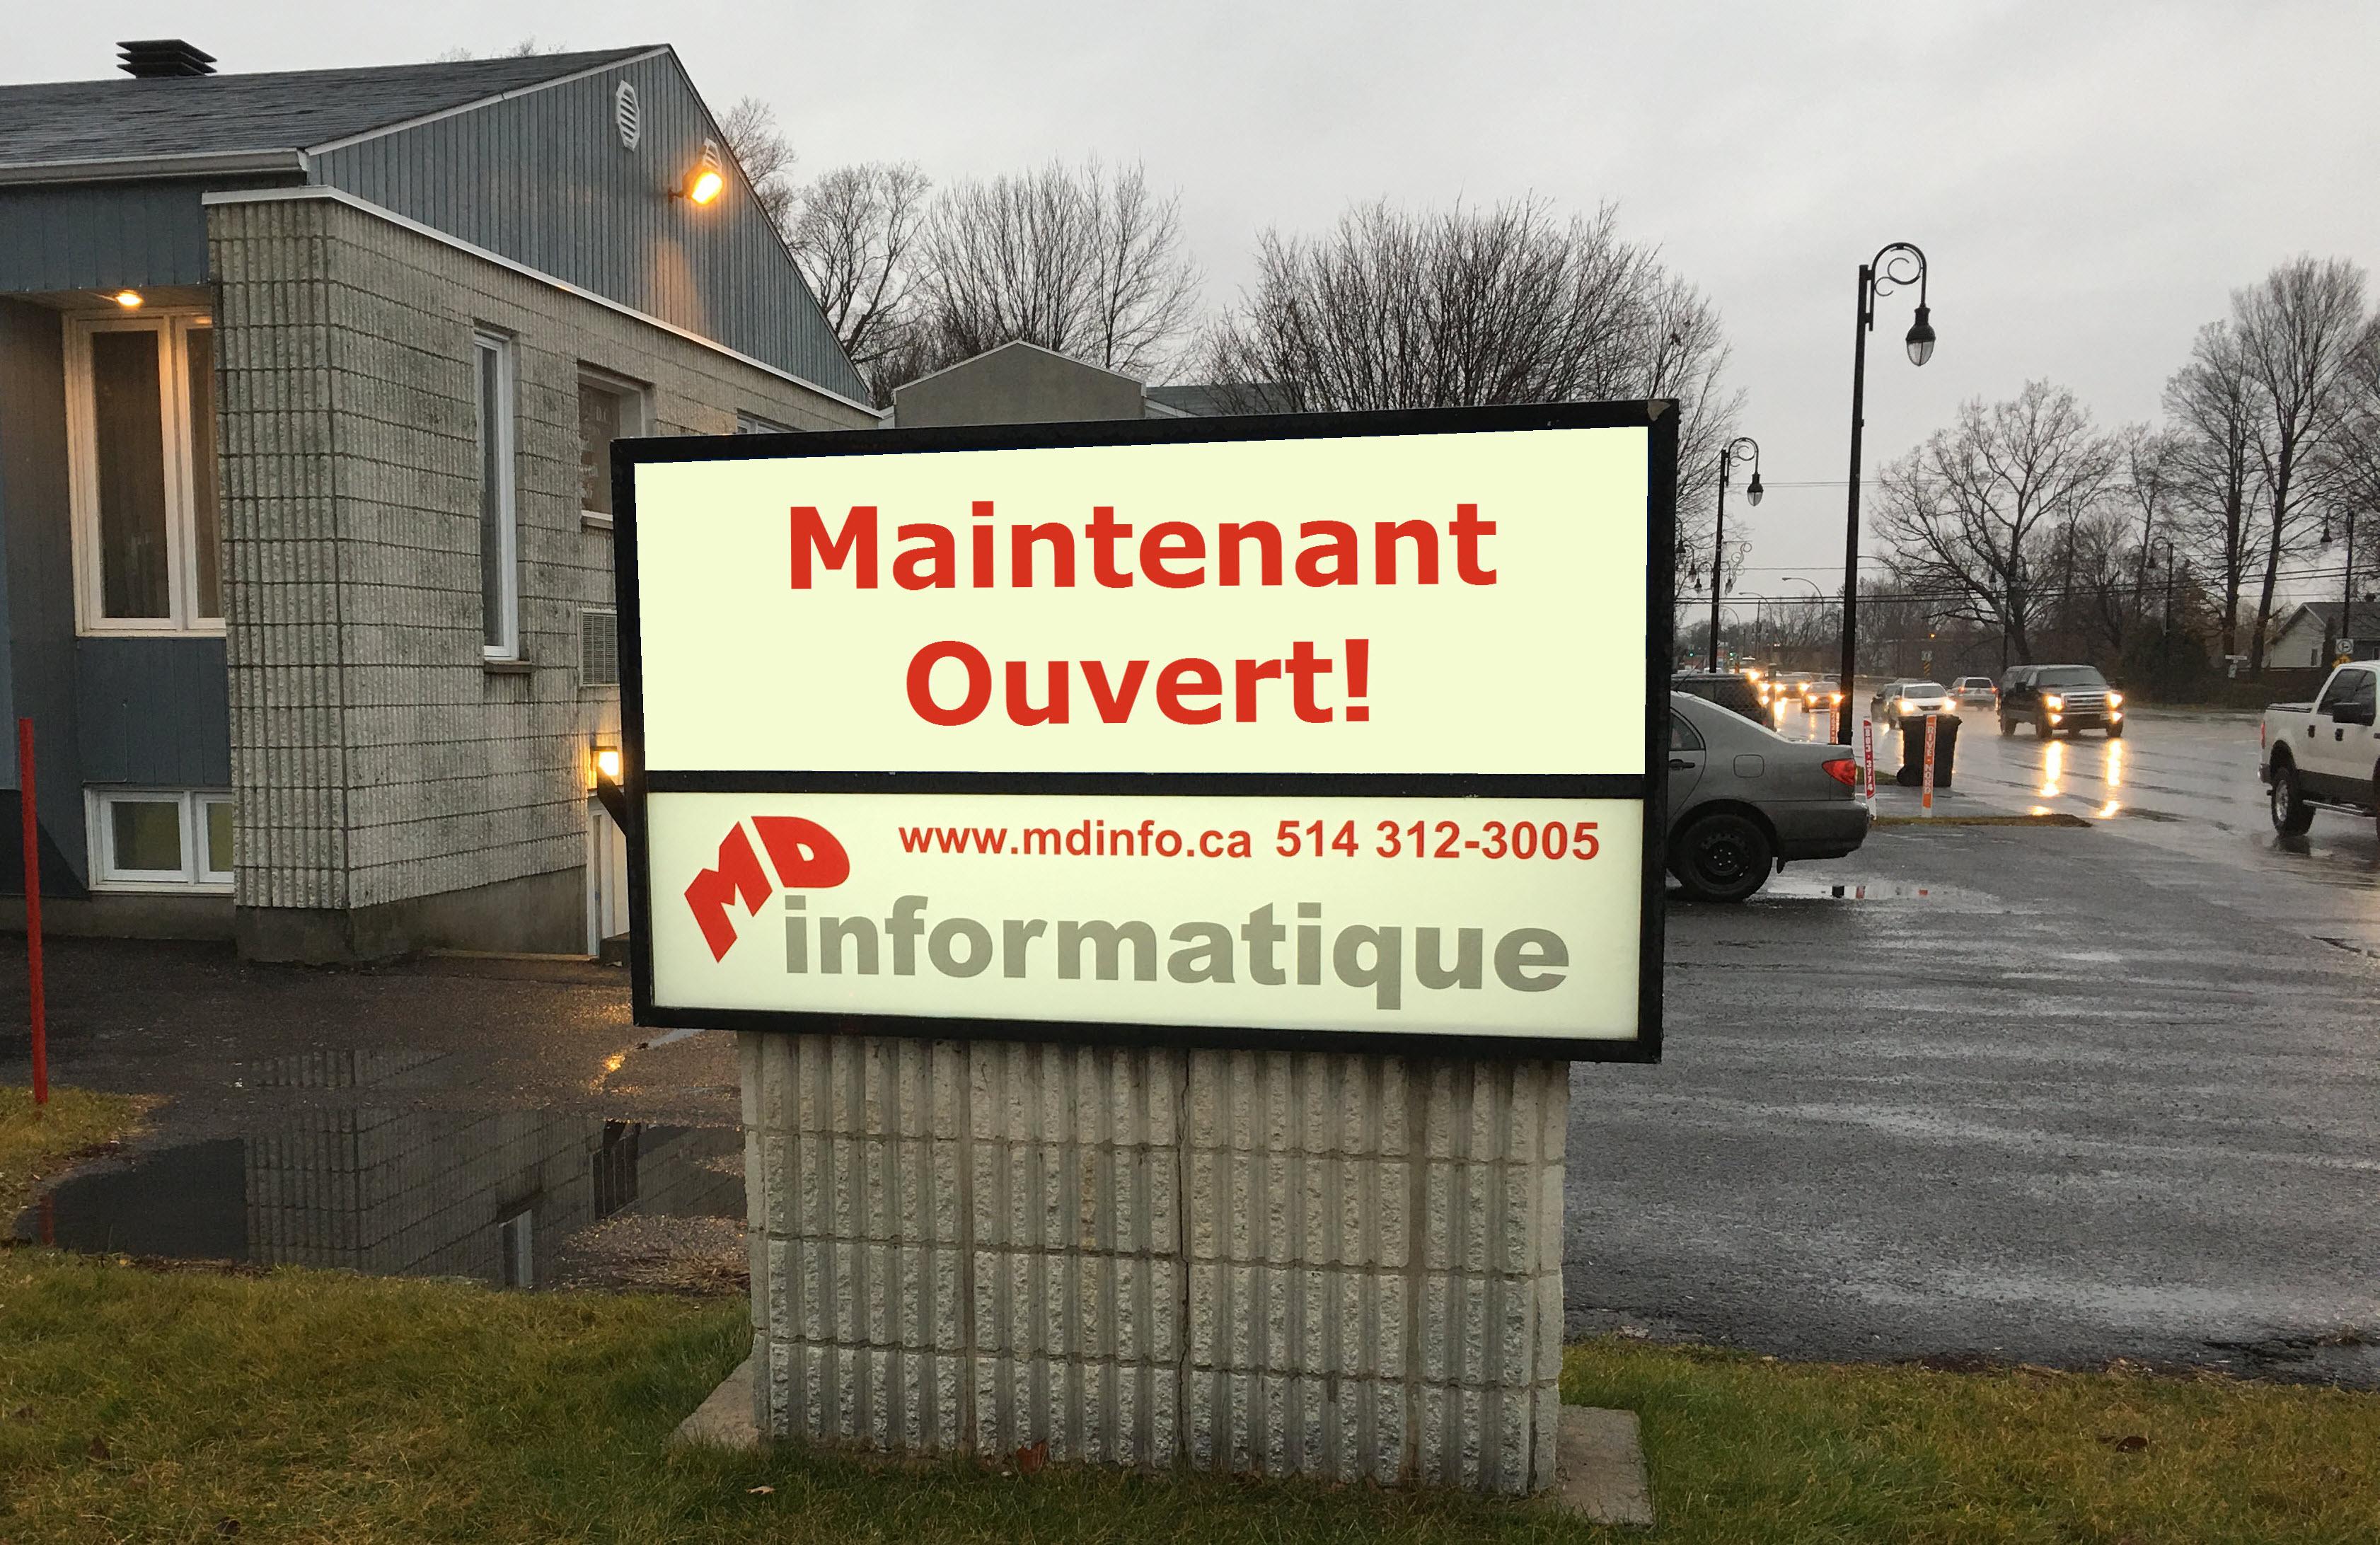 MD Informatique Inc. à Repentigny est maintenant ouvert